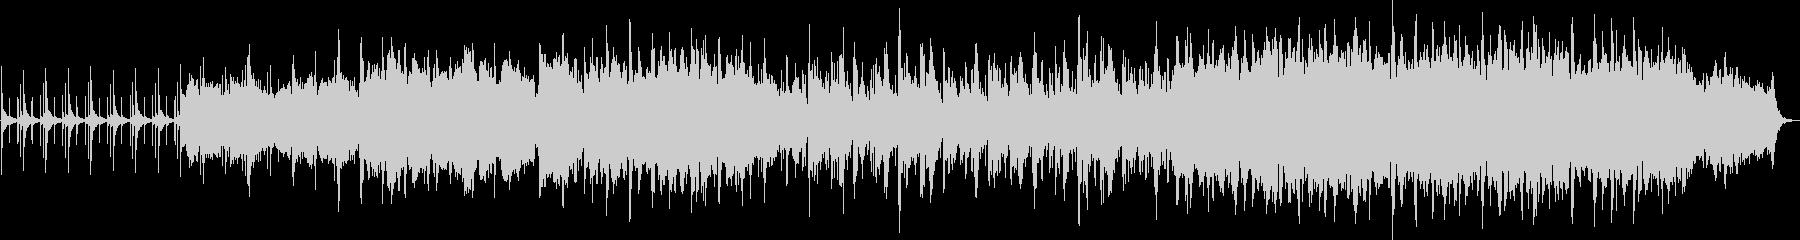 短音のステップが足音を連想させる曲です。の未再生の波形